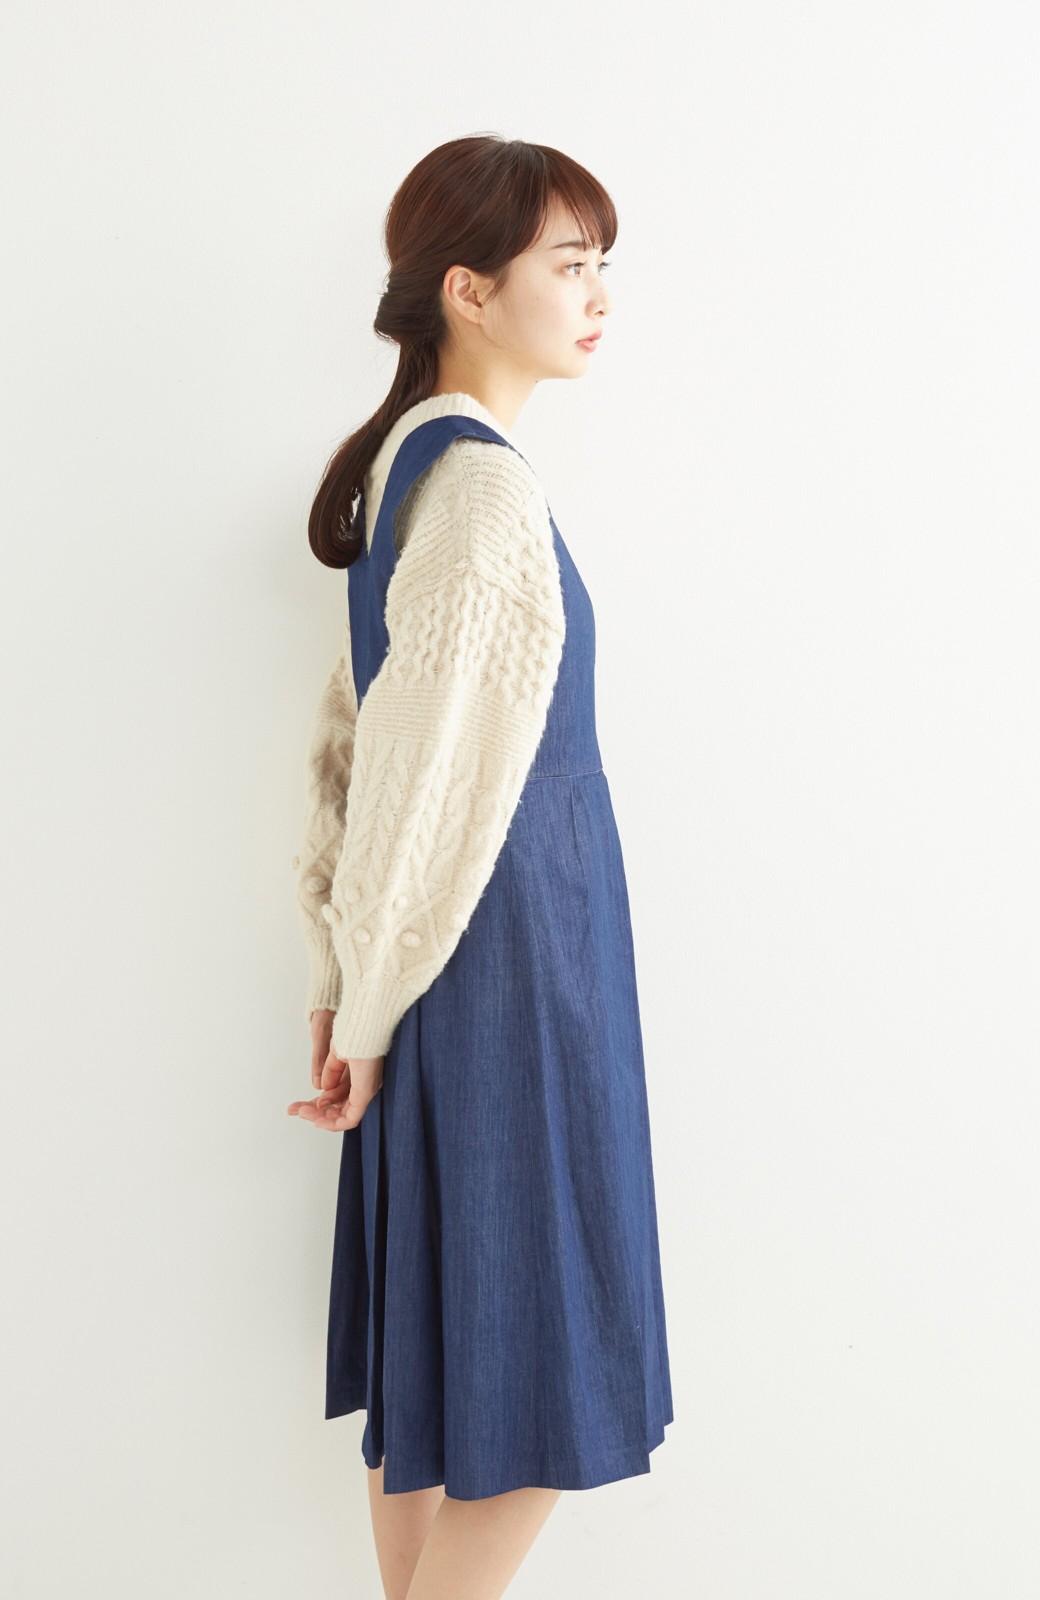 nusy やわらか麻混デニム素材のビッグプリーツジャンパースカート <インディゴブルー>の商品写真10